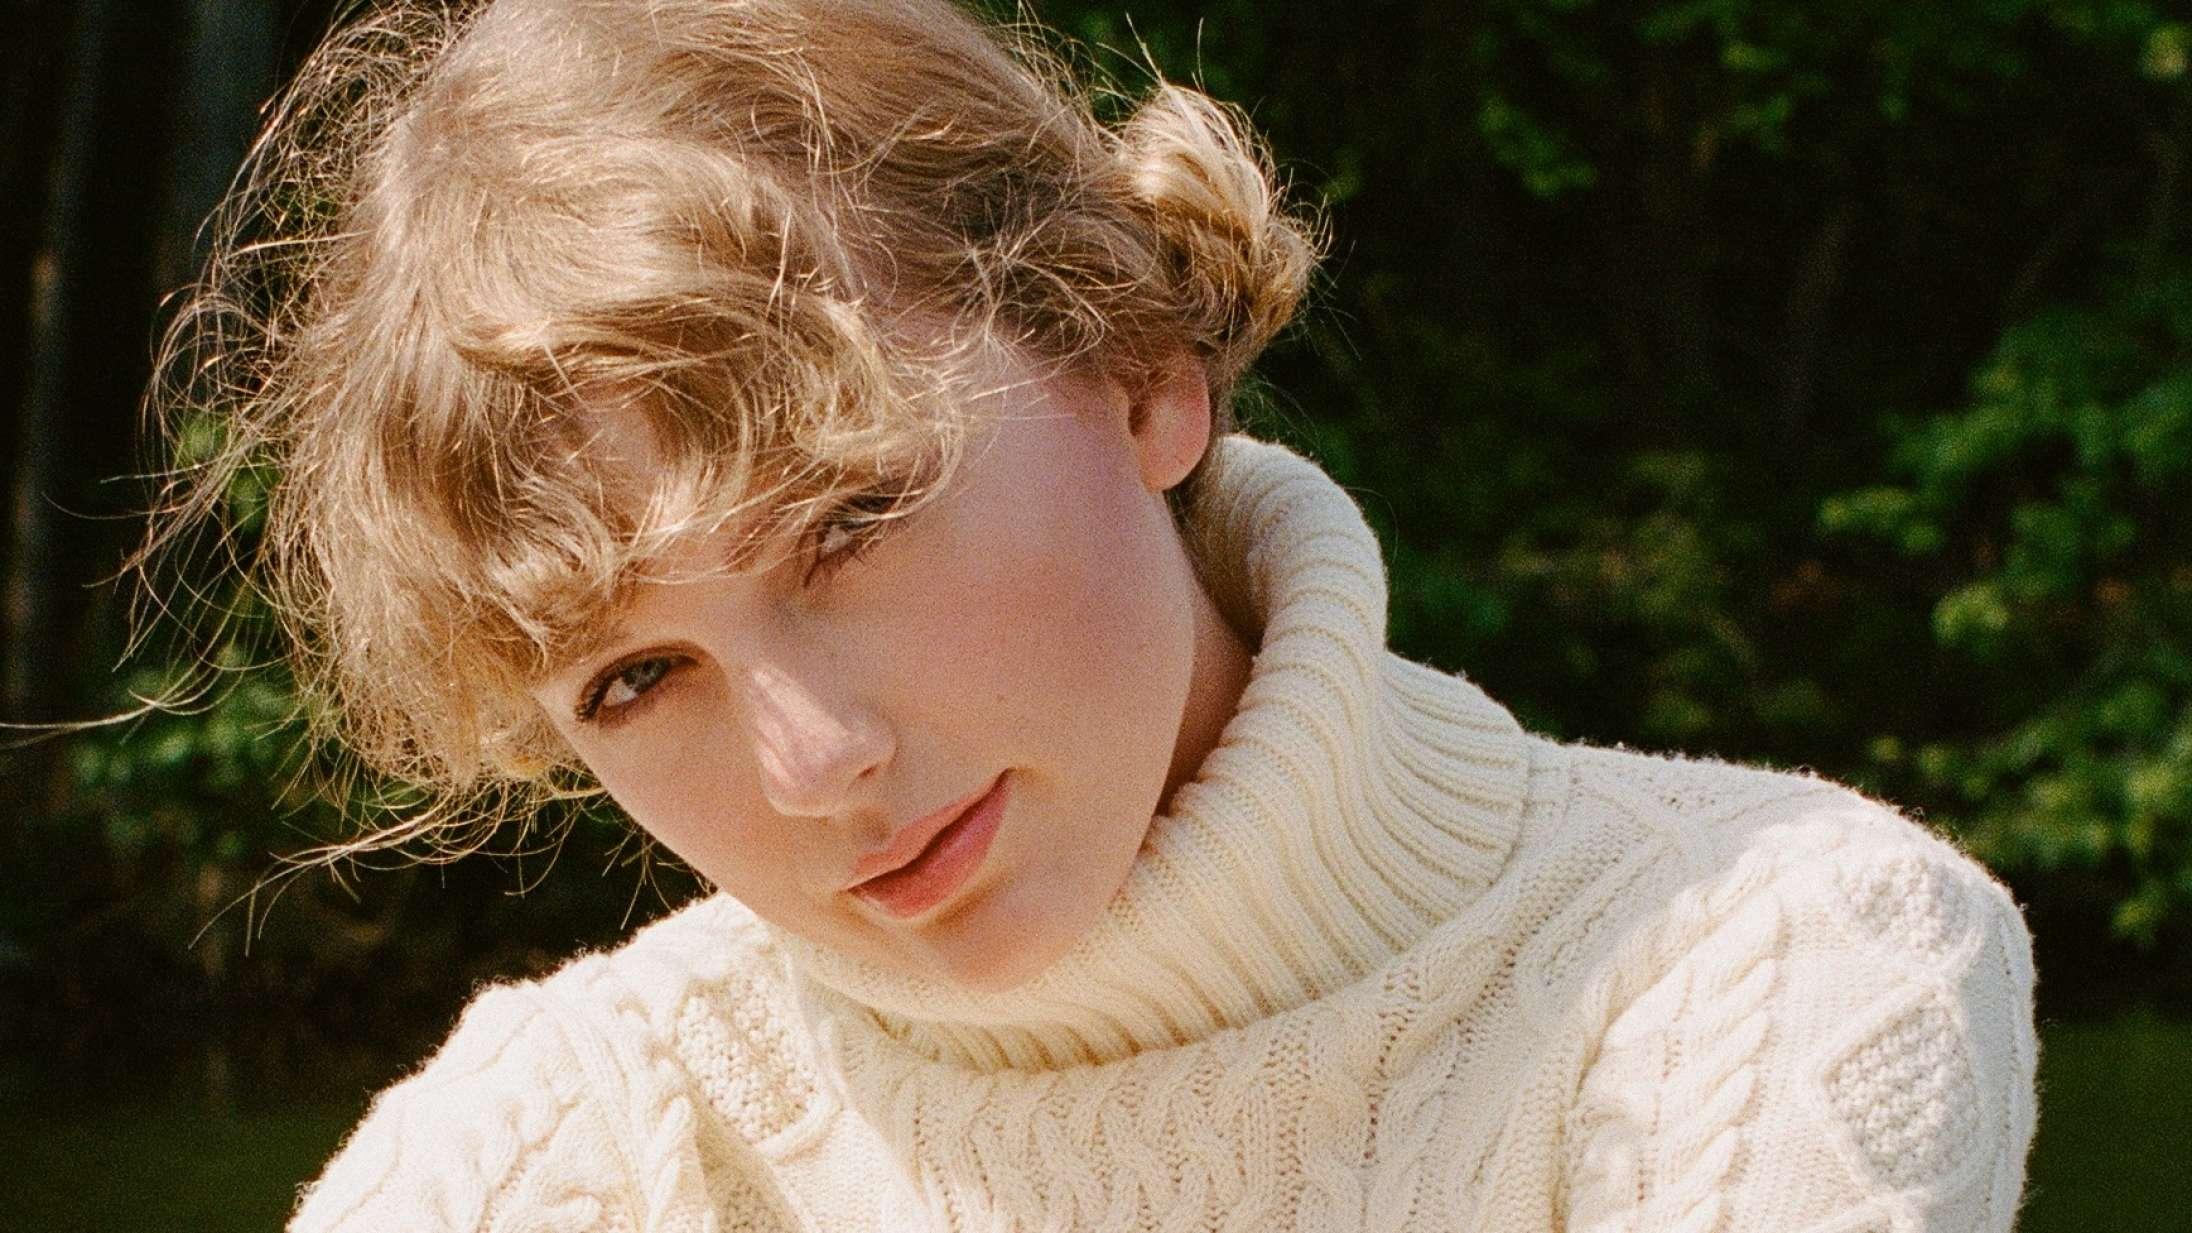 Efter Taylor Swifts afsked med pop: Er ideen om Den Store Amerikanske Popstjerne fortid?